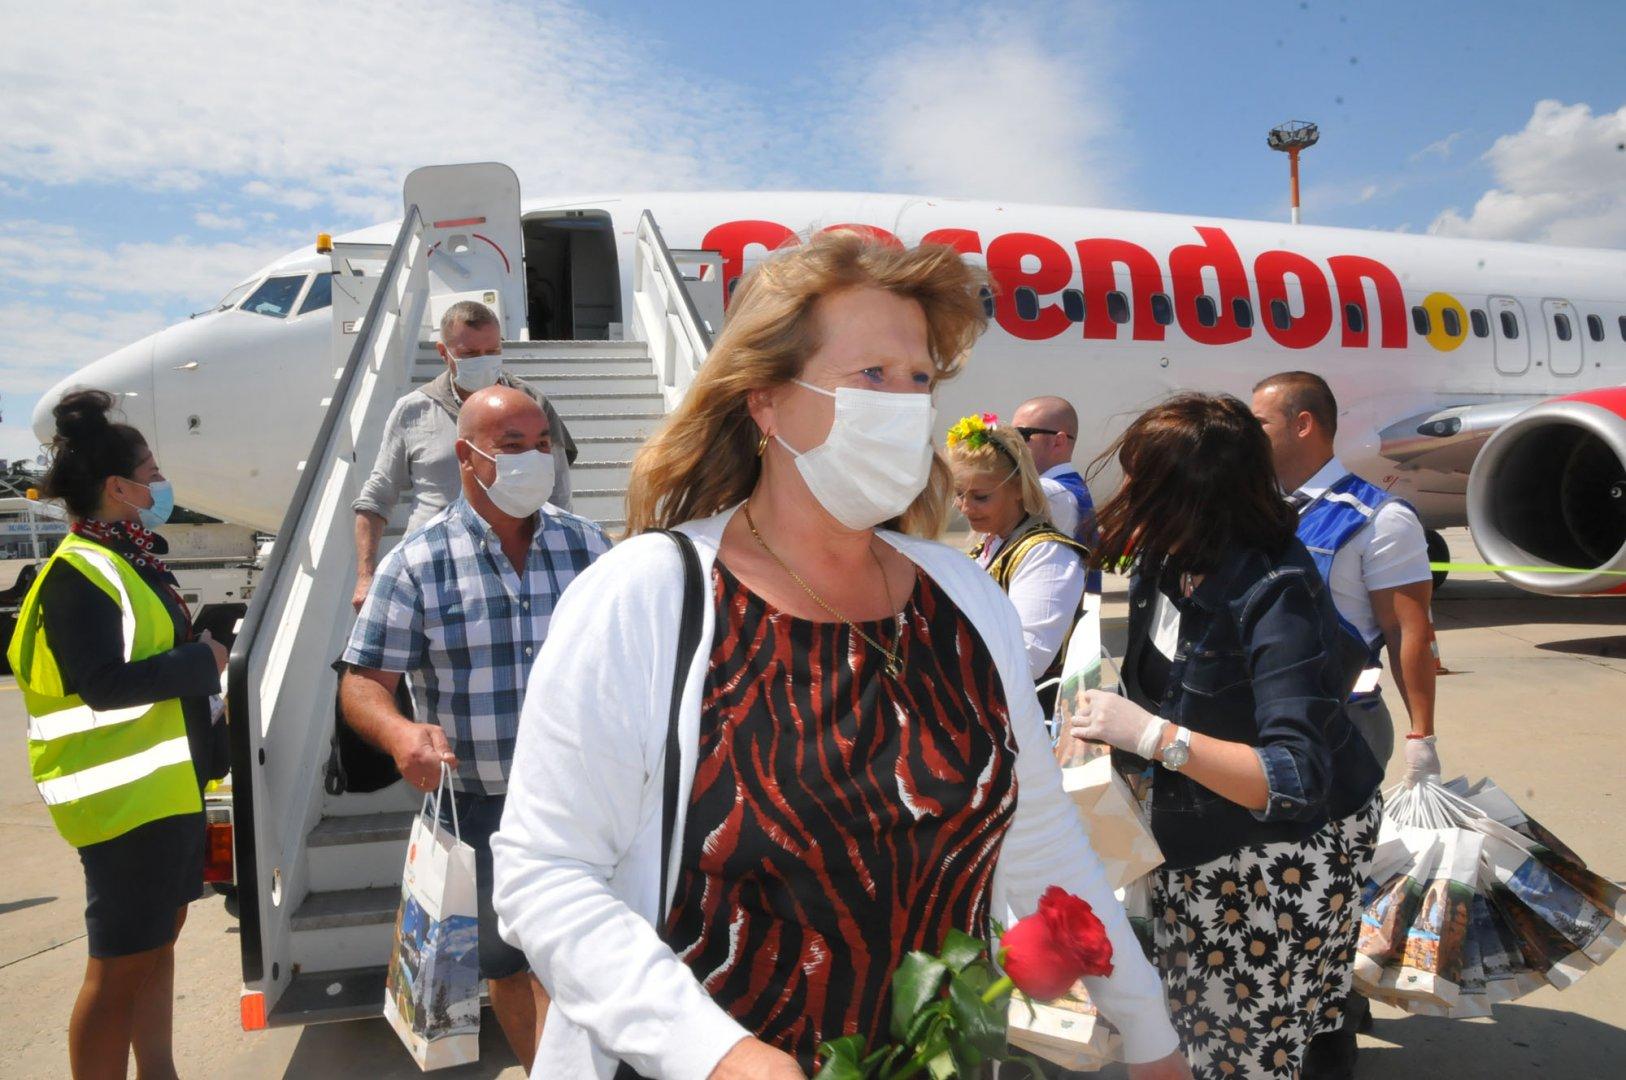 Носенето на маски е задължително и в самолета по време на полет. Снимка Черноморие-бг